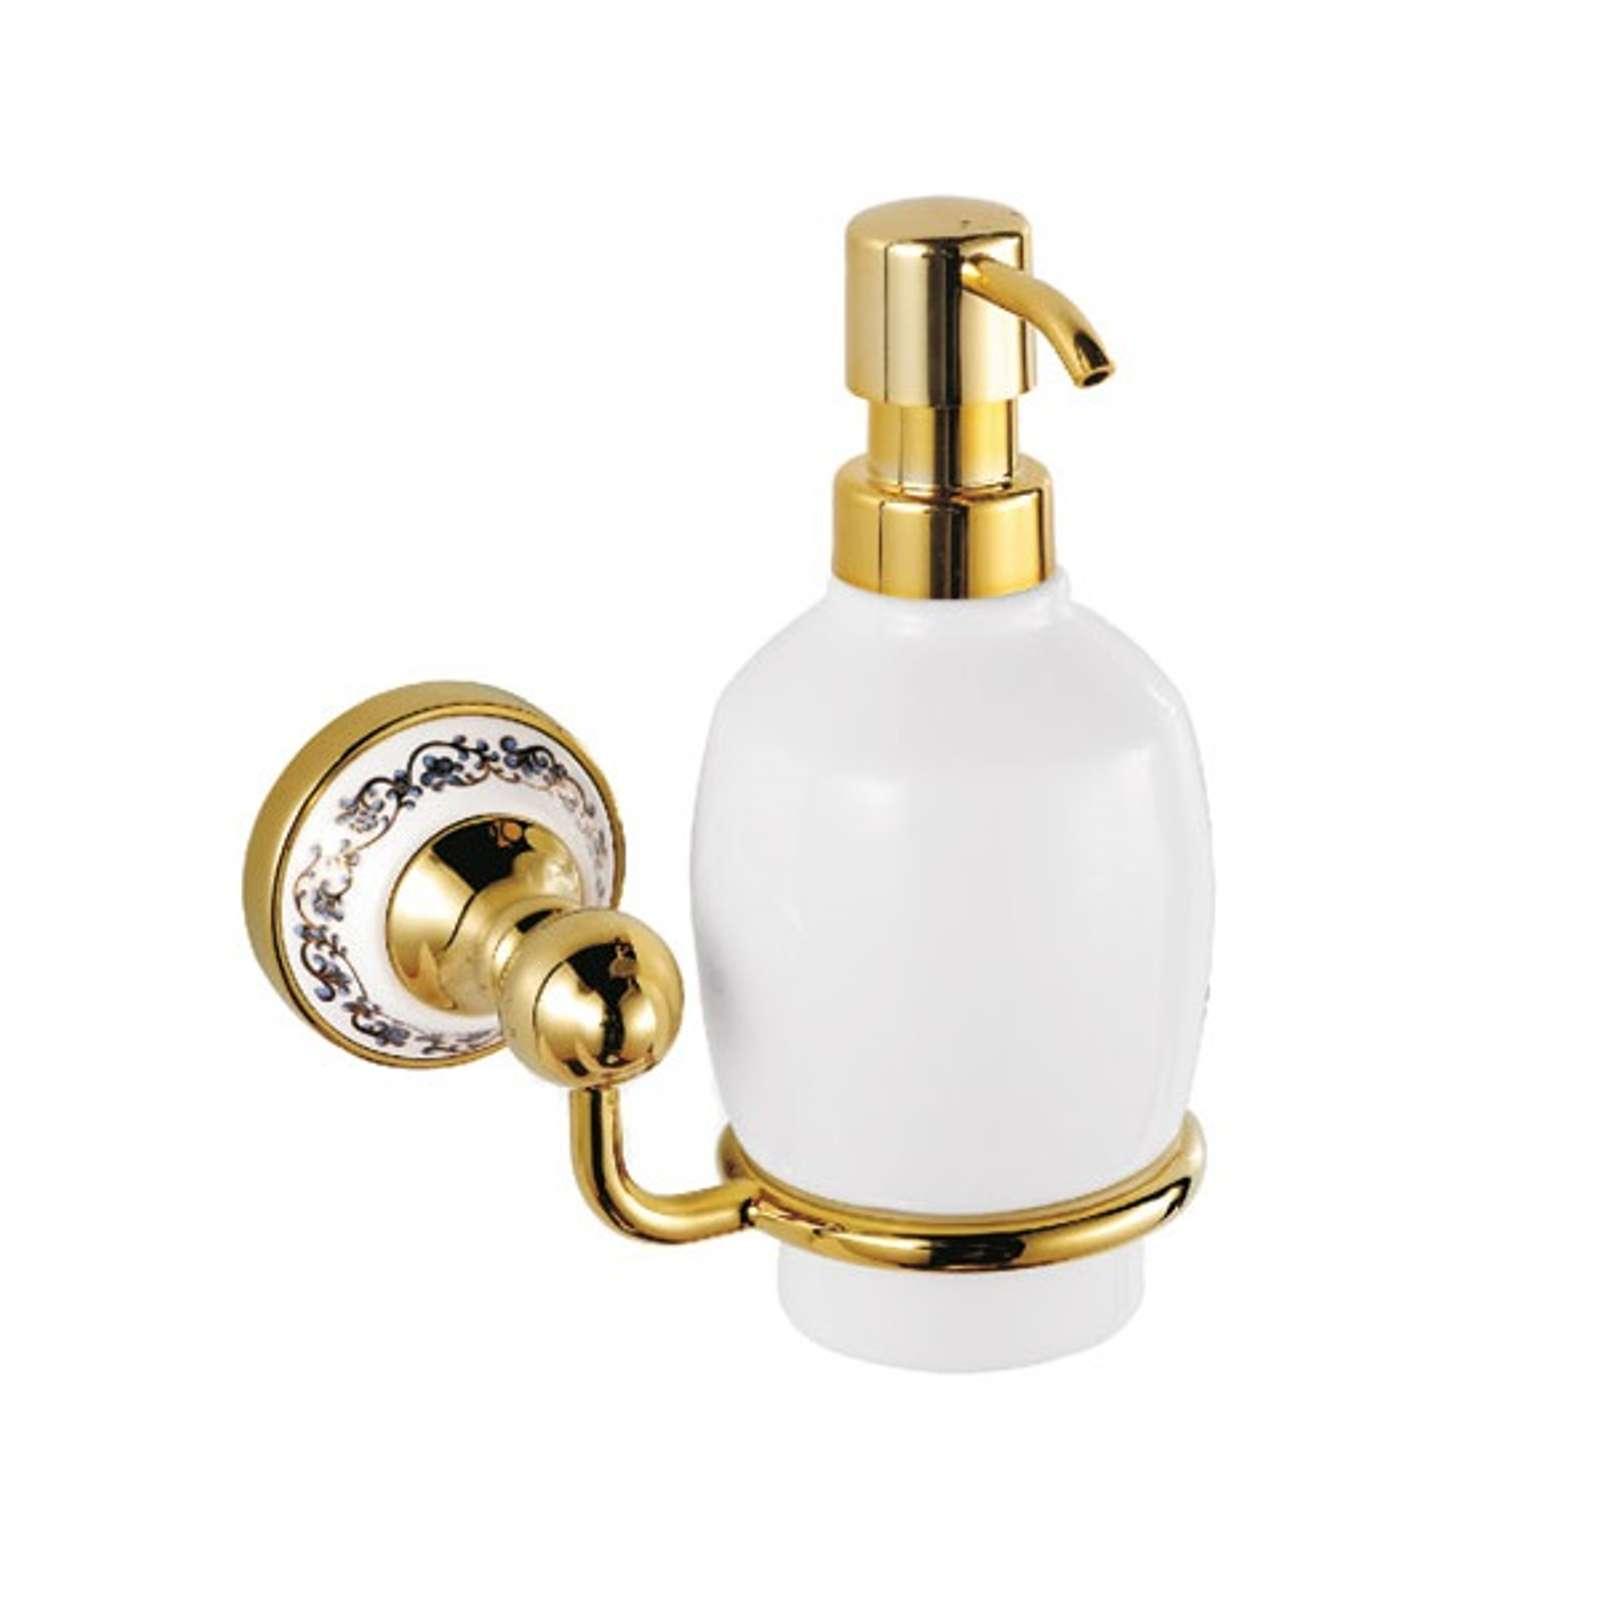 Дозатор для жидкого мыла Fixsen Bogema Gold FX-78512G стеклянный